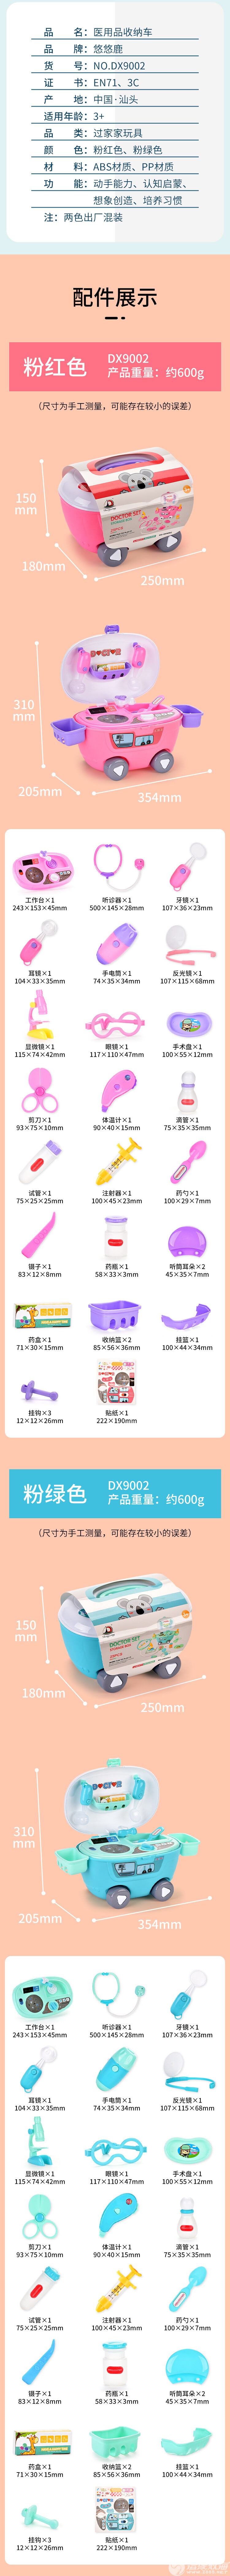 东兴玩具厂-(DX9002)-医用品收纳车-中文版详情页_03.jpg